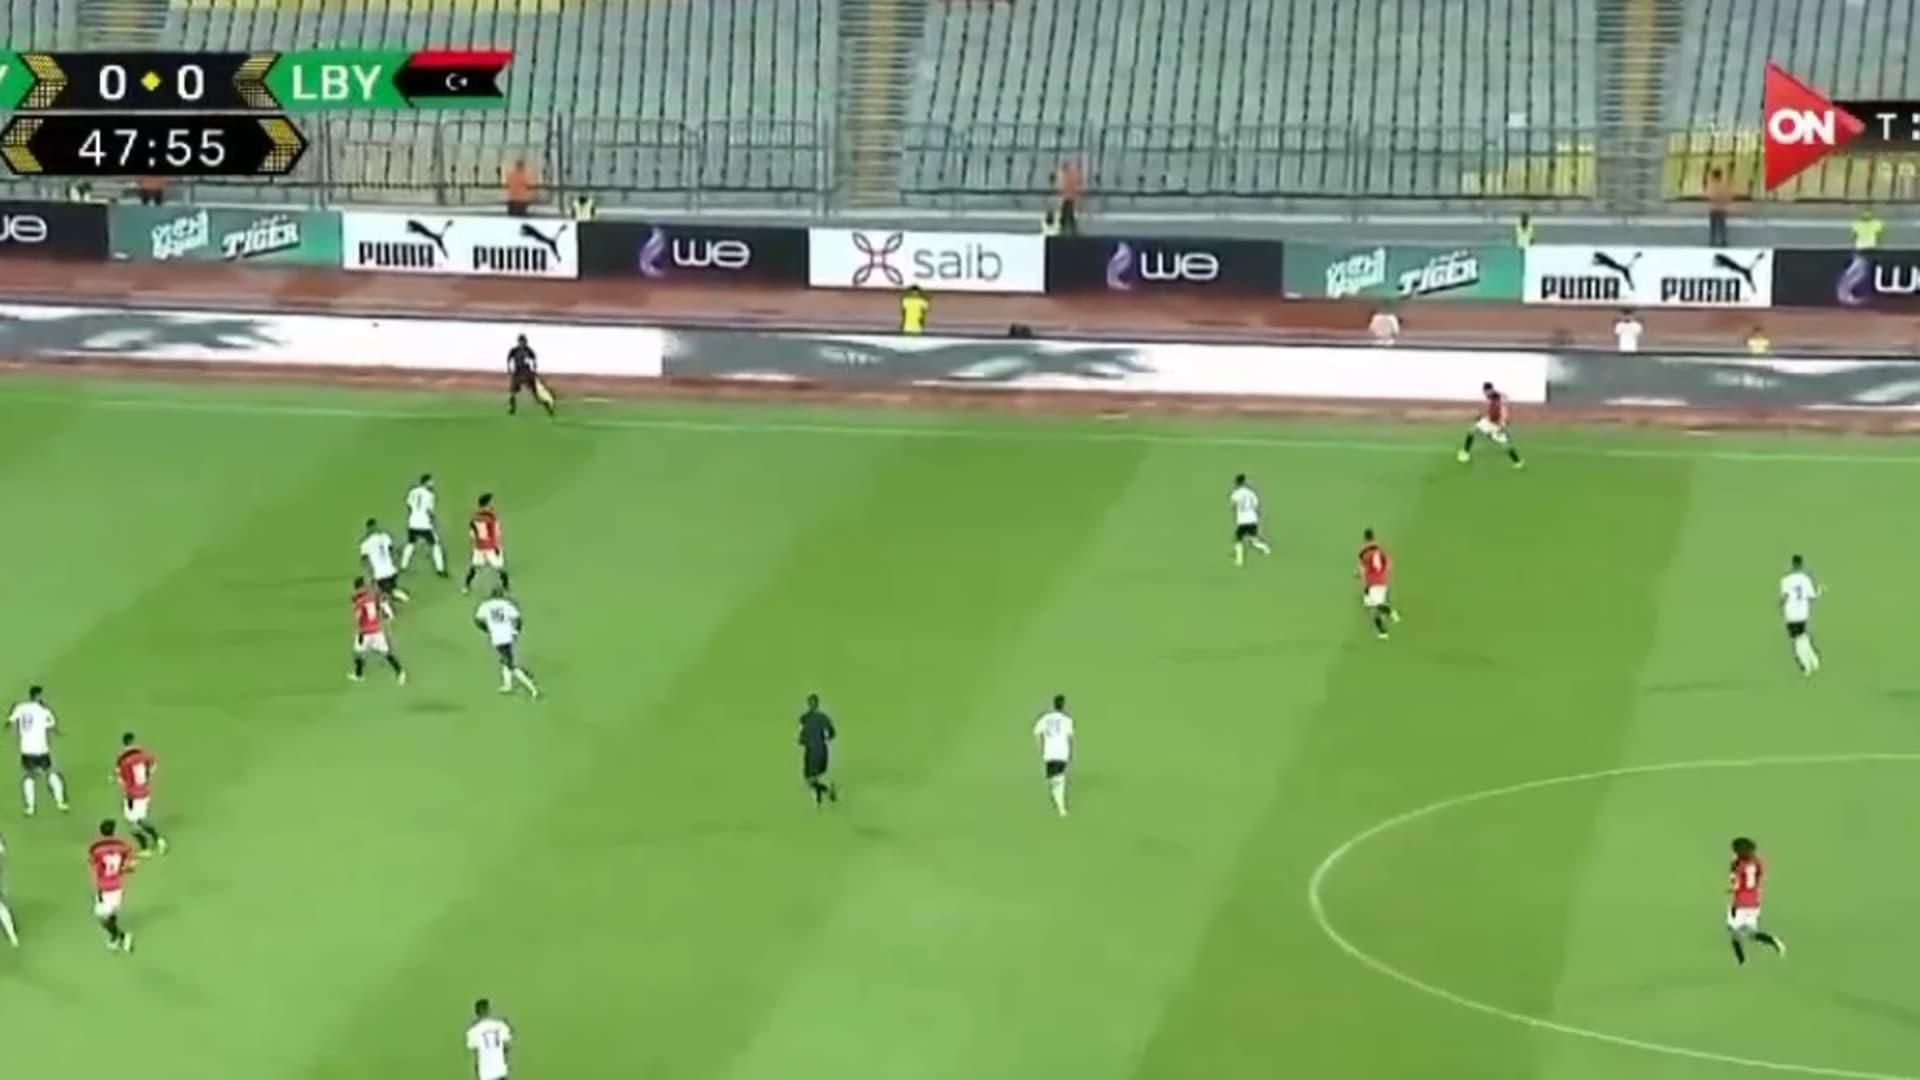 مصر تفوز على ليبيا بهدف عمر مرموش في تصفيات إفريقيا المؤهلة لكأس العالم thumbnail